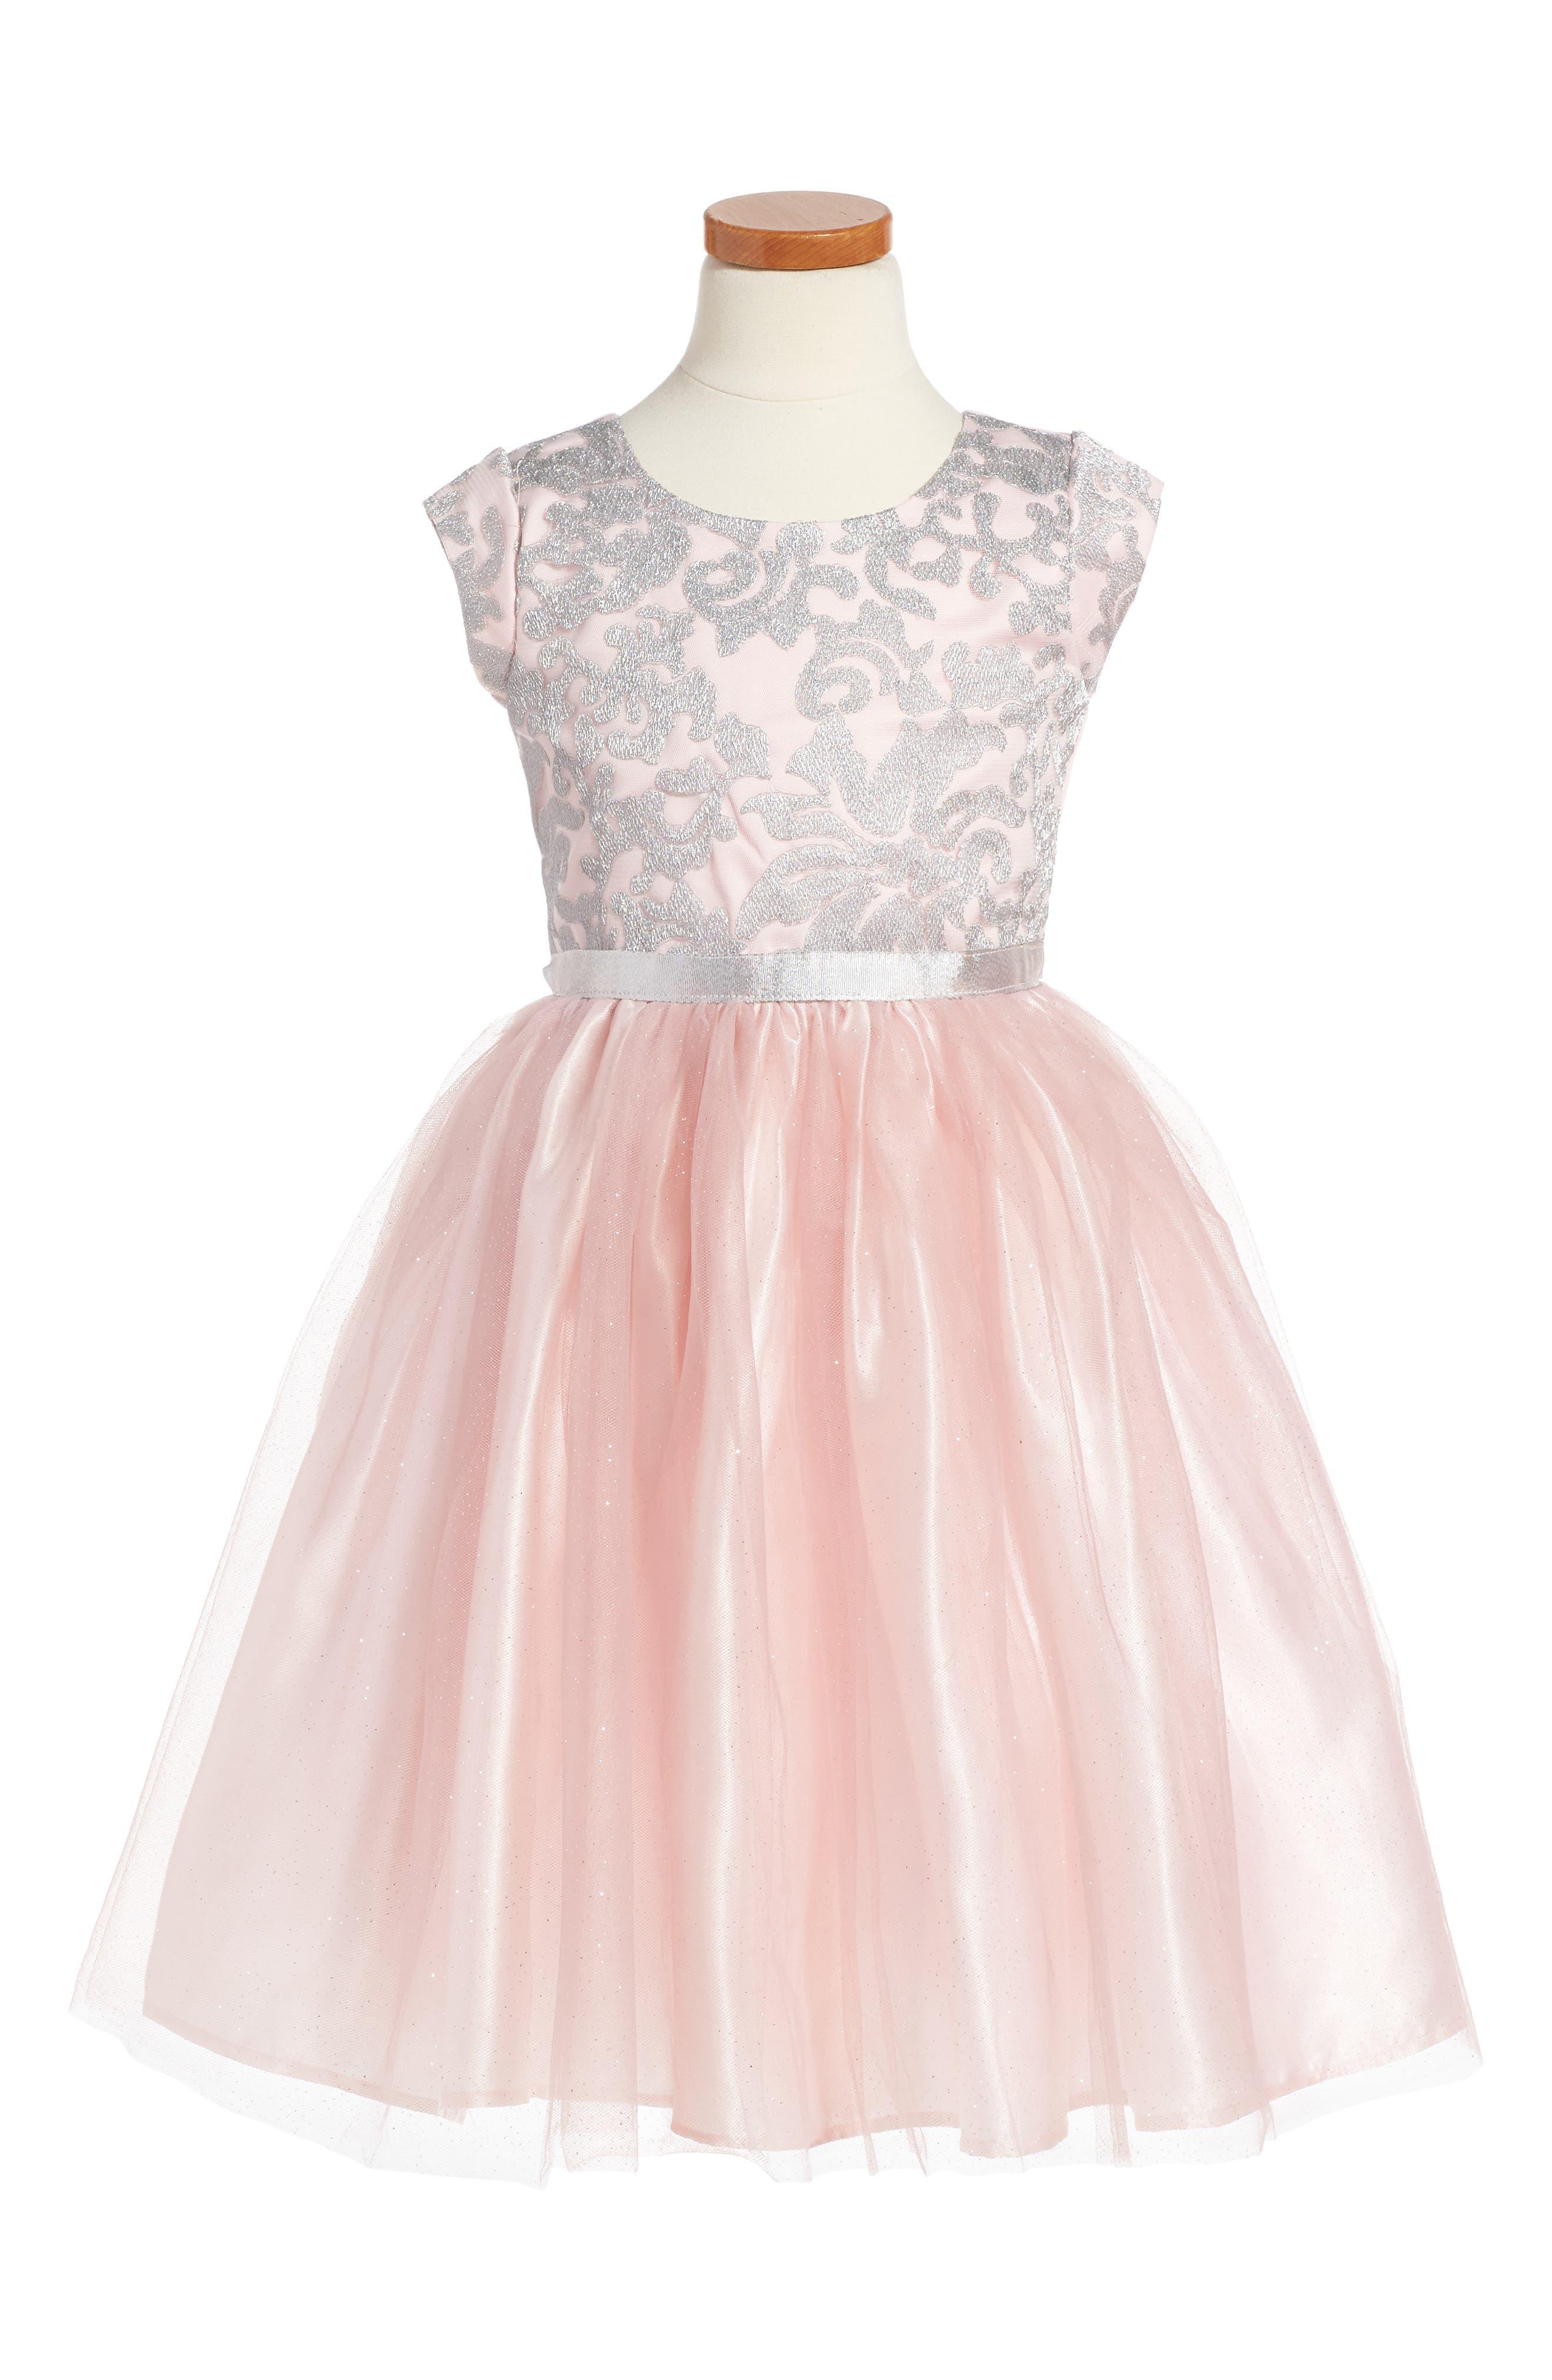 Baby girl pink sequin dress - Baby Girl Pink Sequin Dress 28